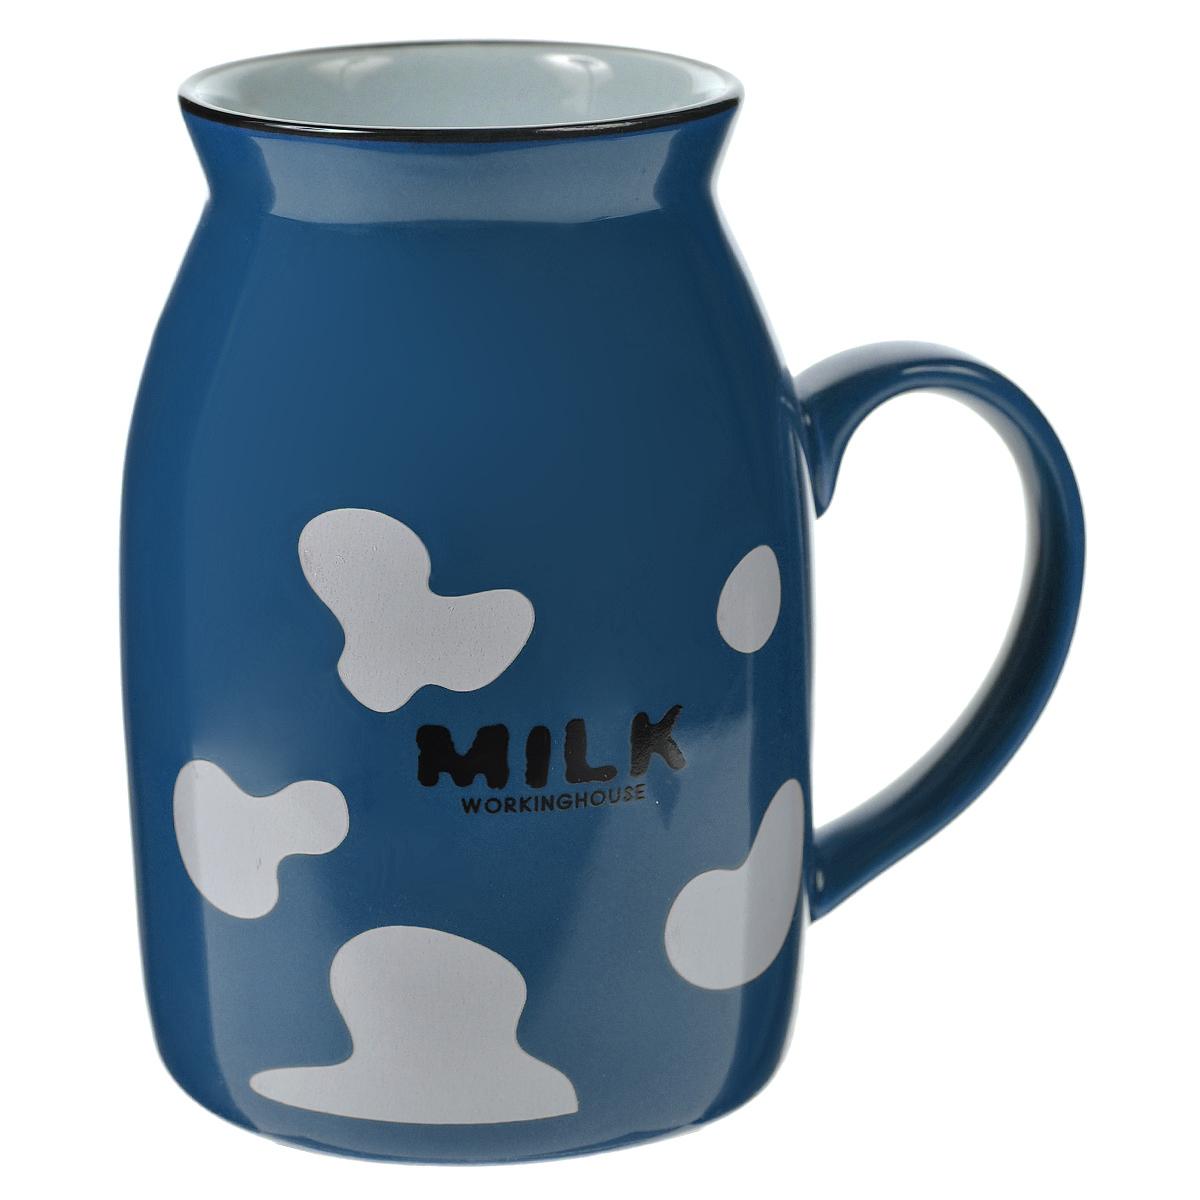 Кружка Milk, цвет: синий003067Оригинальная кружка Milk, выполненная из керамики, станет отличным подарком для человека, ценящего забавные и практичные подарки. Кружка выполнена в виде бидона для молока. Такой подарок станет не только приятным, но и практичным сувениром, а оригинальный дизайн вызовет улыбку. Характеристики:Материал:керамика. Высота кружки:10 см. Диаметр по верхнему краю:5,5 см. Размер упаковки:10 см х 7,5 см х 11 см. Артикул: 003067.